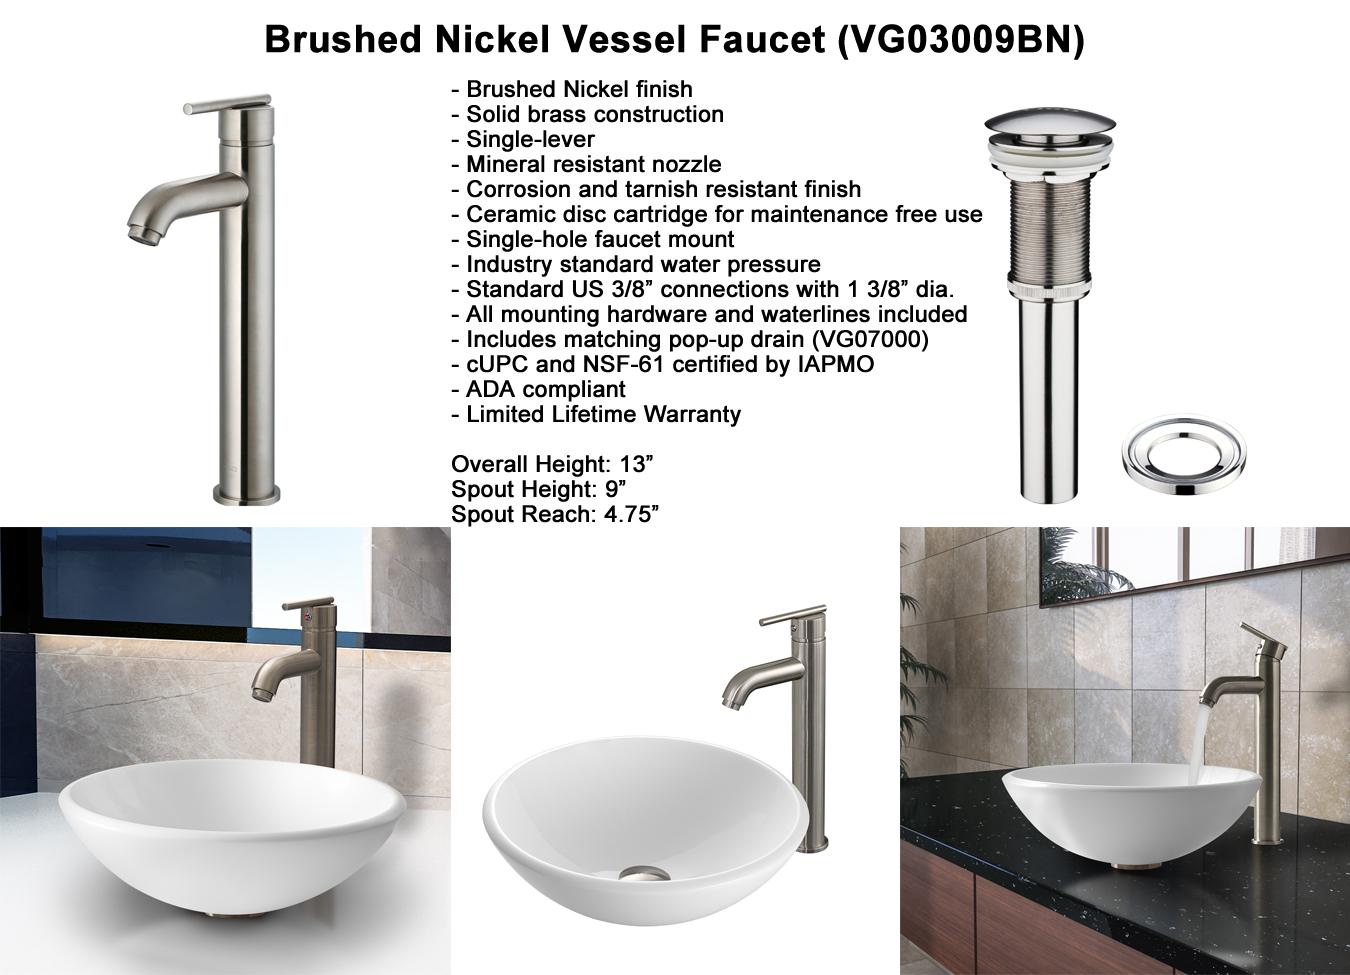 Faucet Set 4 - Otis Vessel Faucet in Brushed Nickel (VGT203)